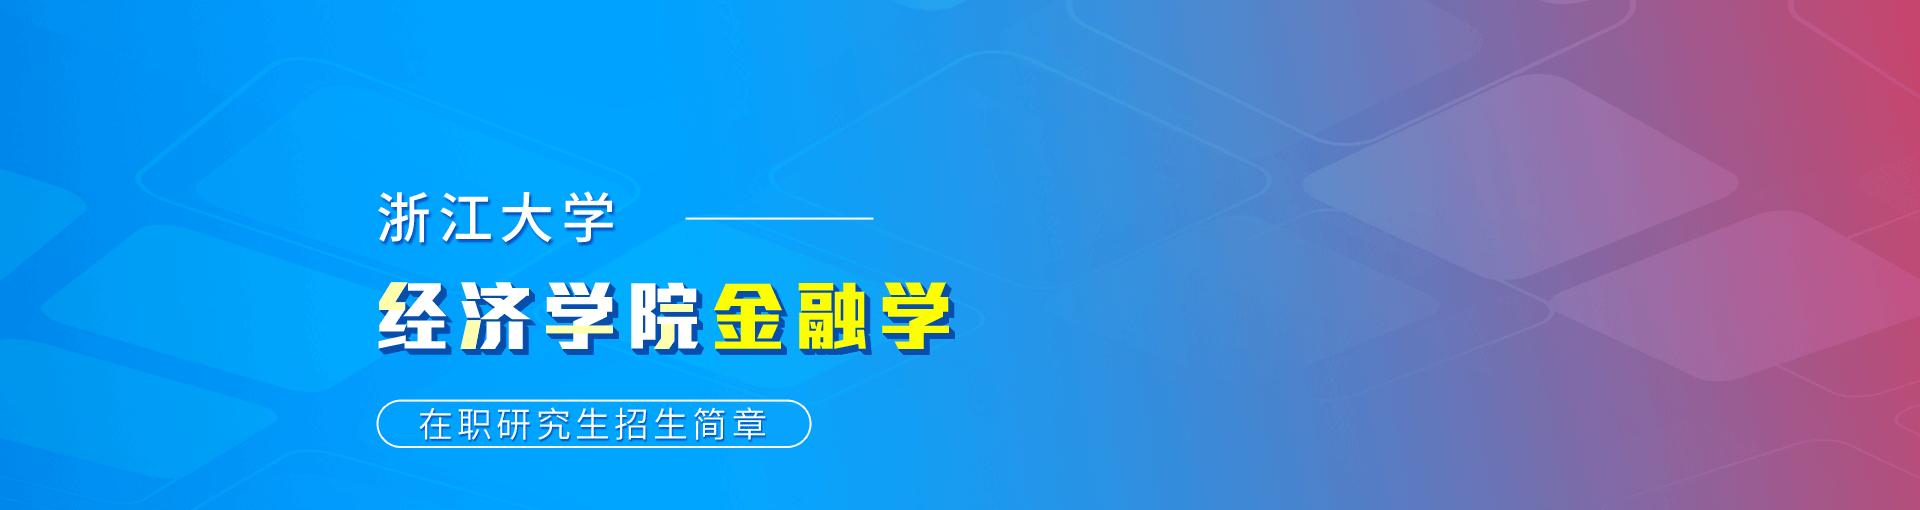 浙江大学经济学院金融学在职研究生招生简章